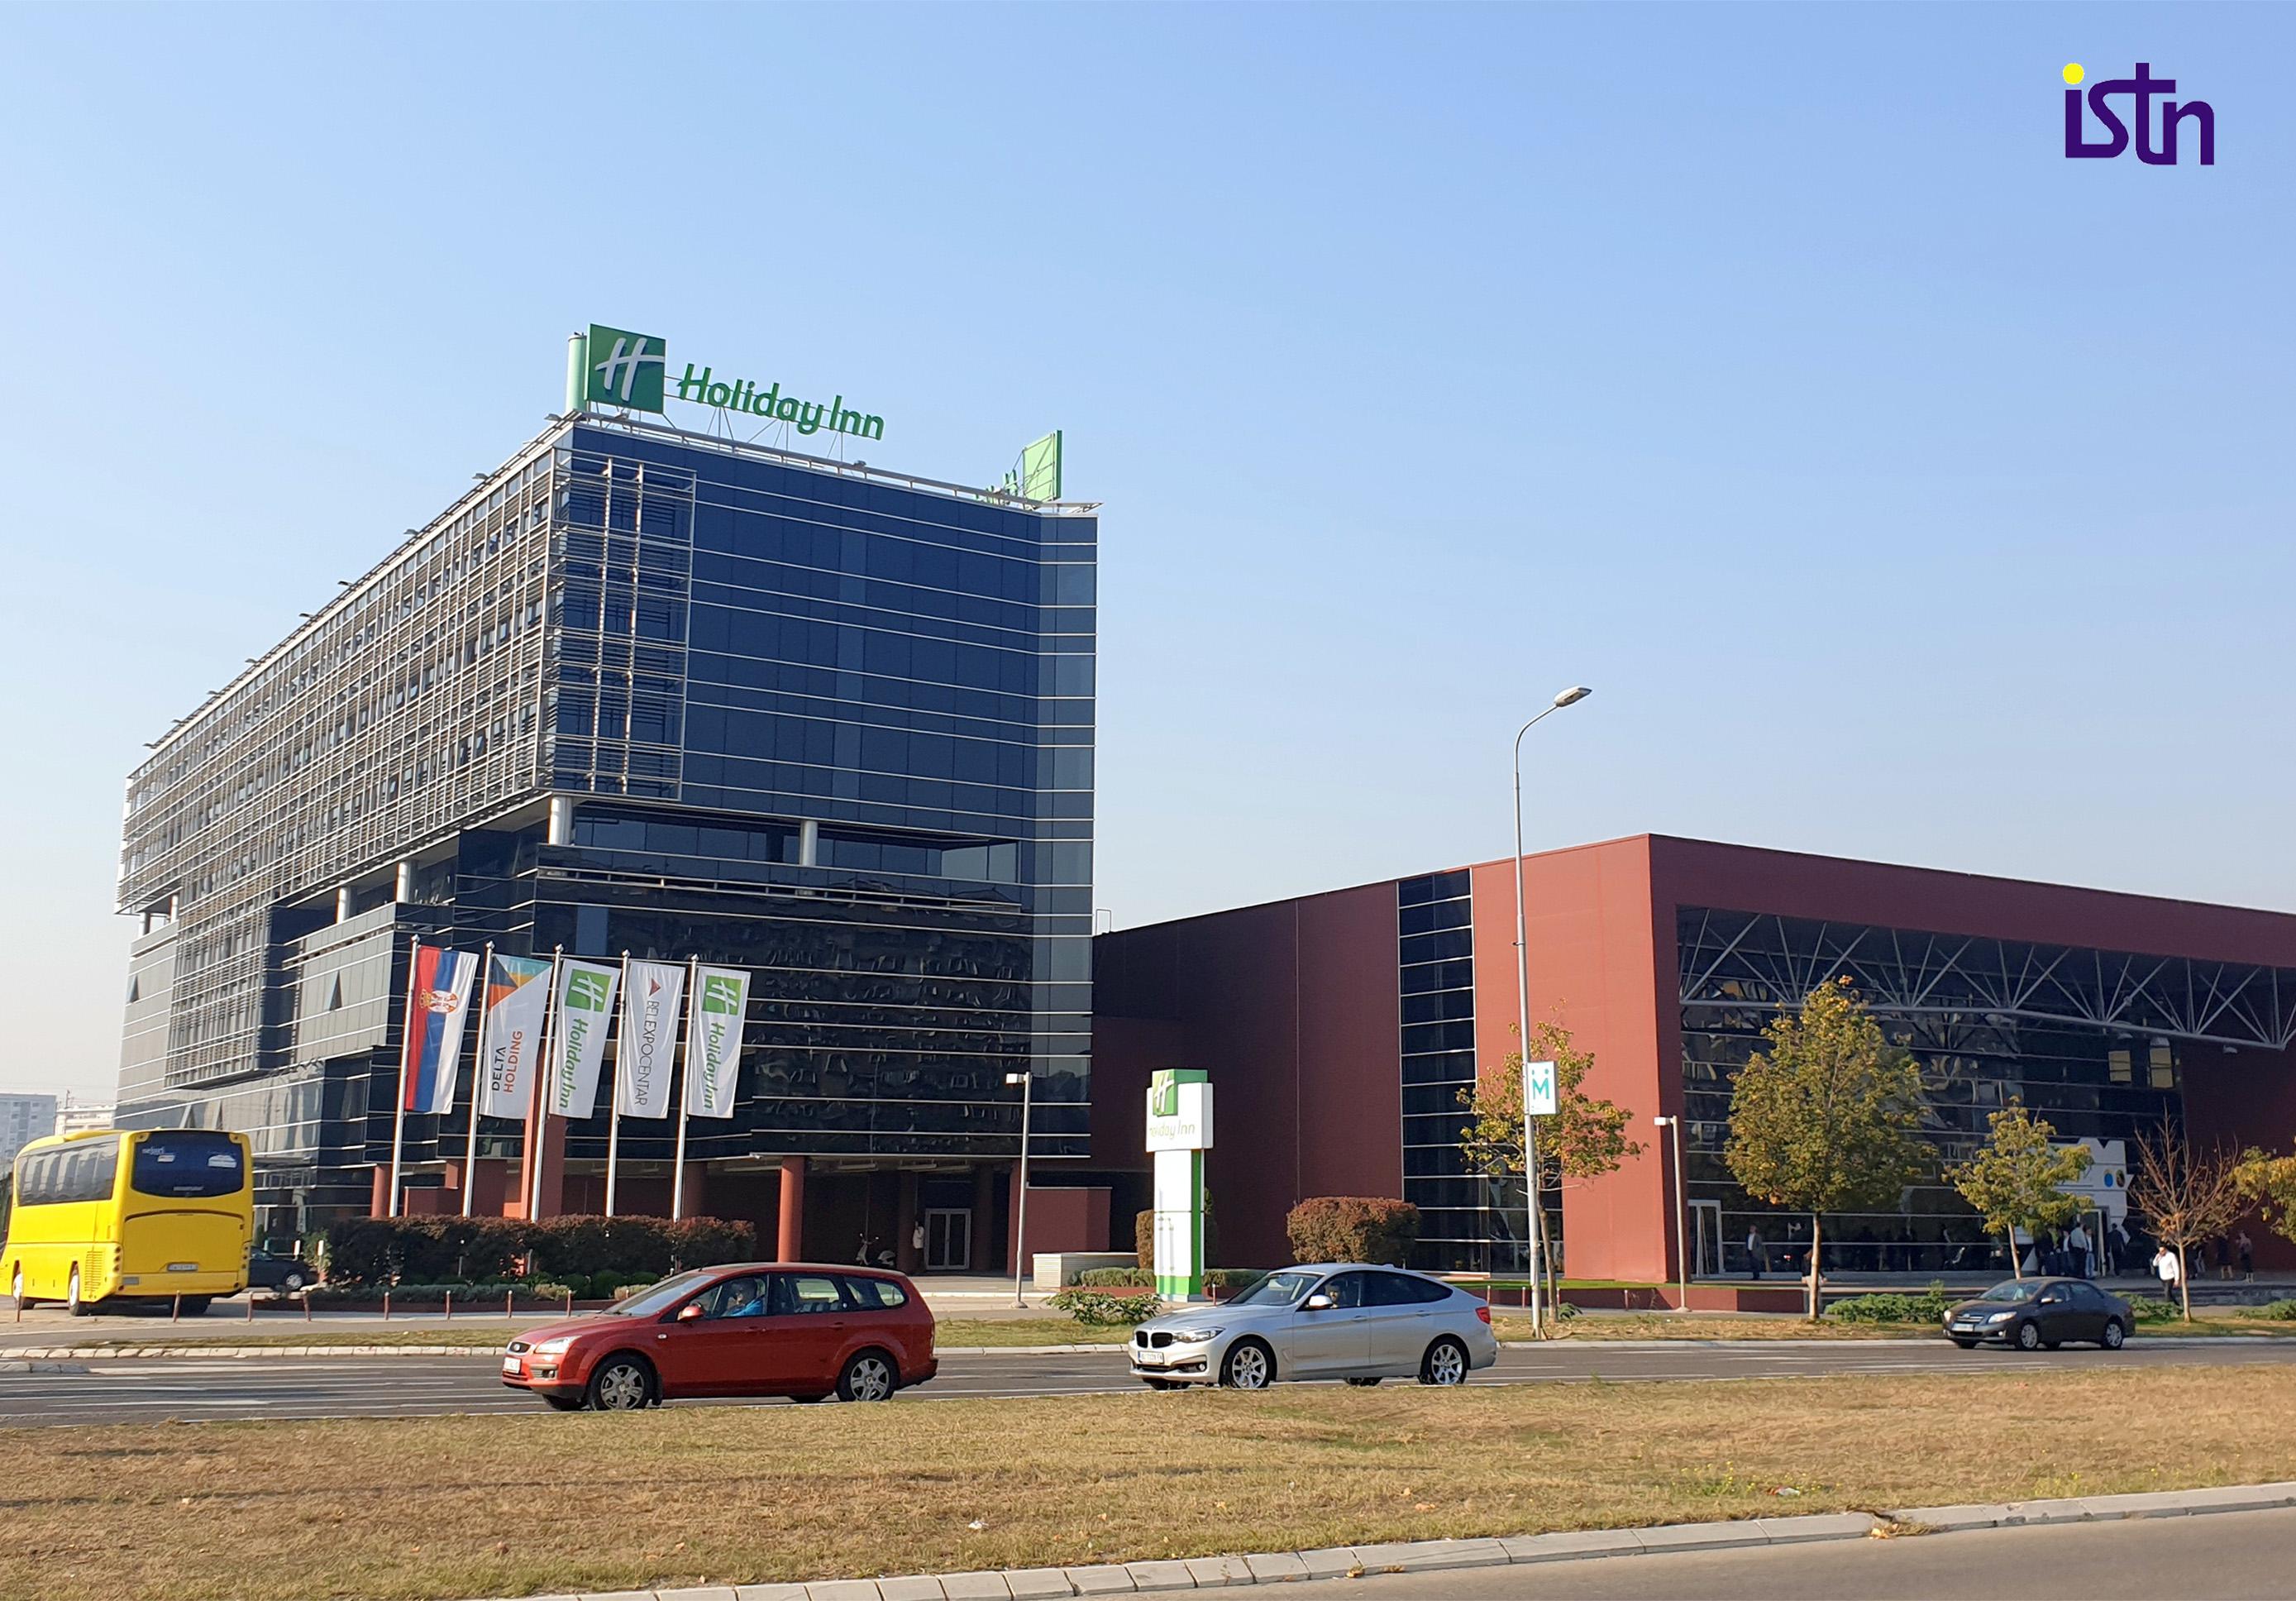 Hotel Holiday Inn Beograd, ISTN